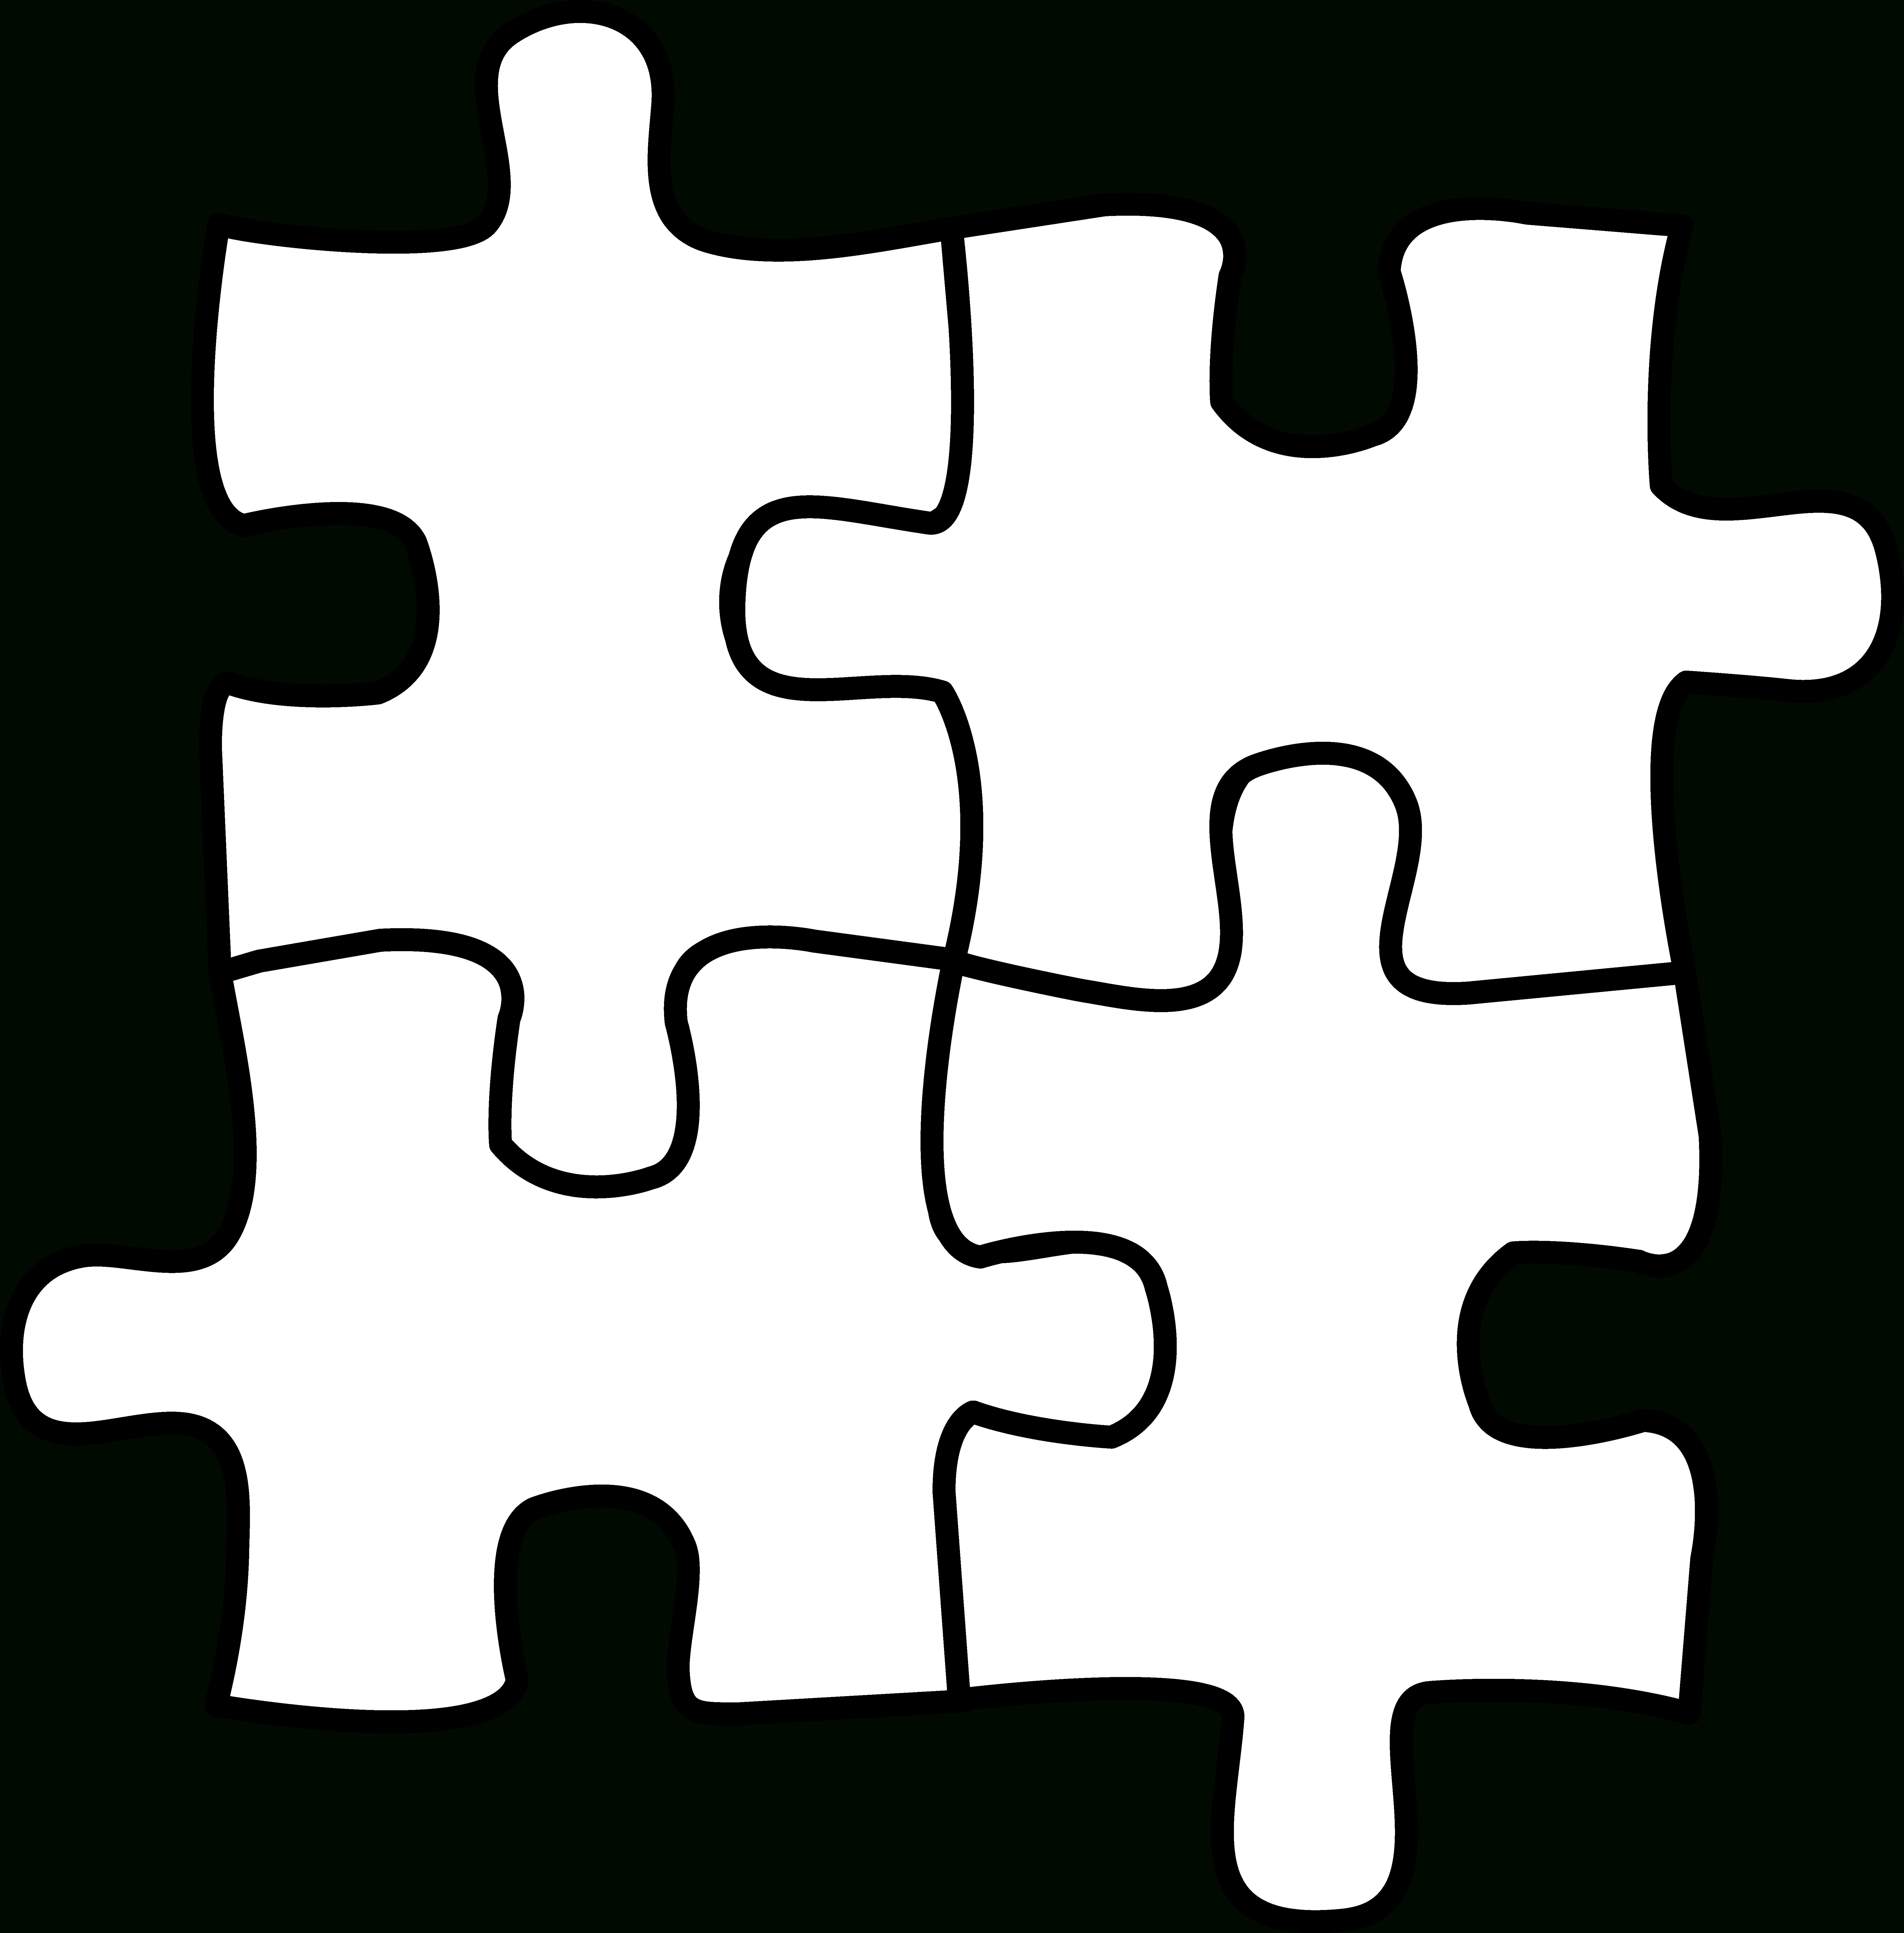 Autism Puzzle Piece Coloring Page - Coloring Home - Printable Puzzle Piece Autism